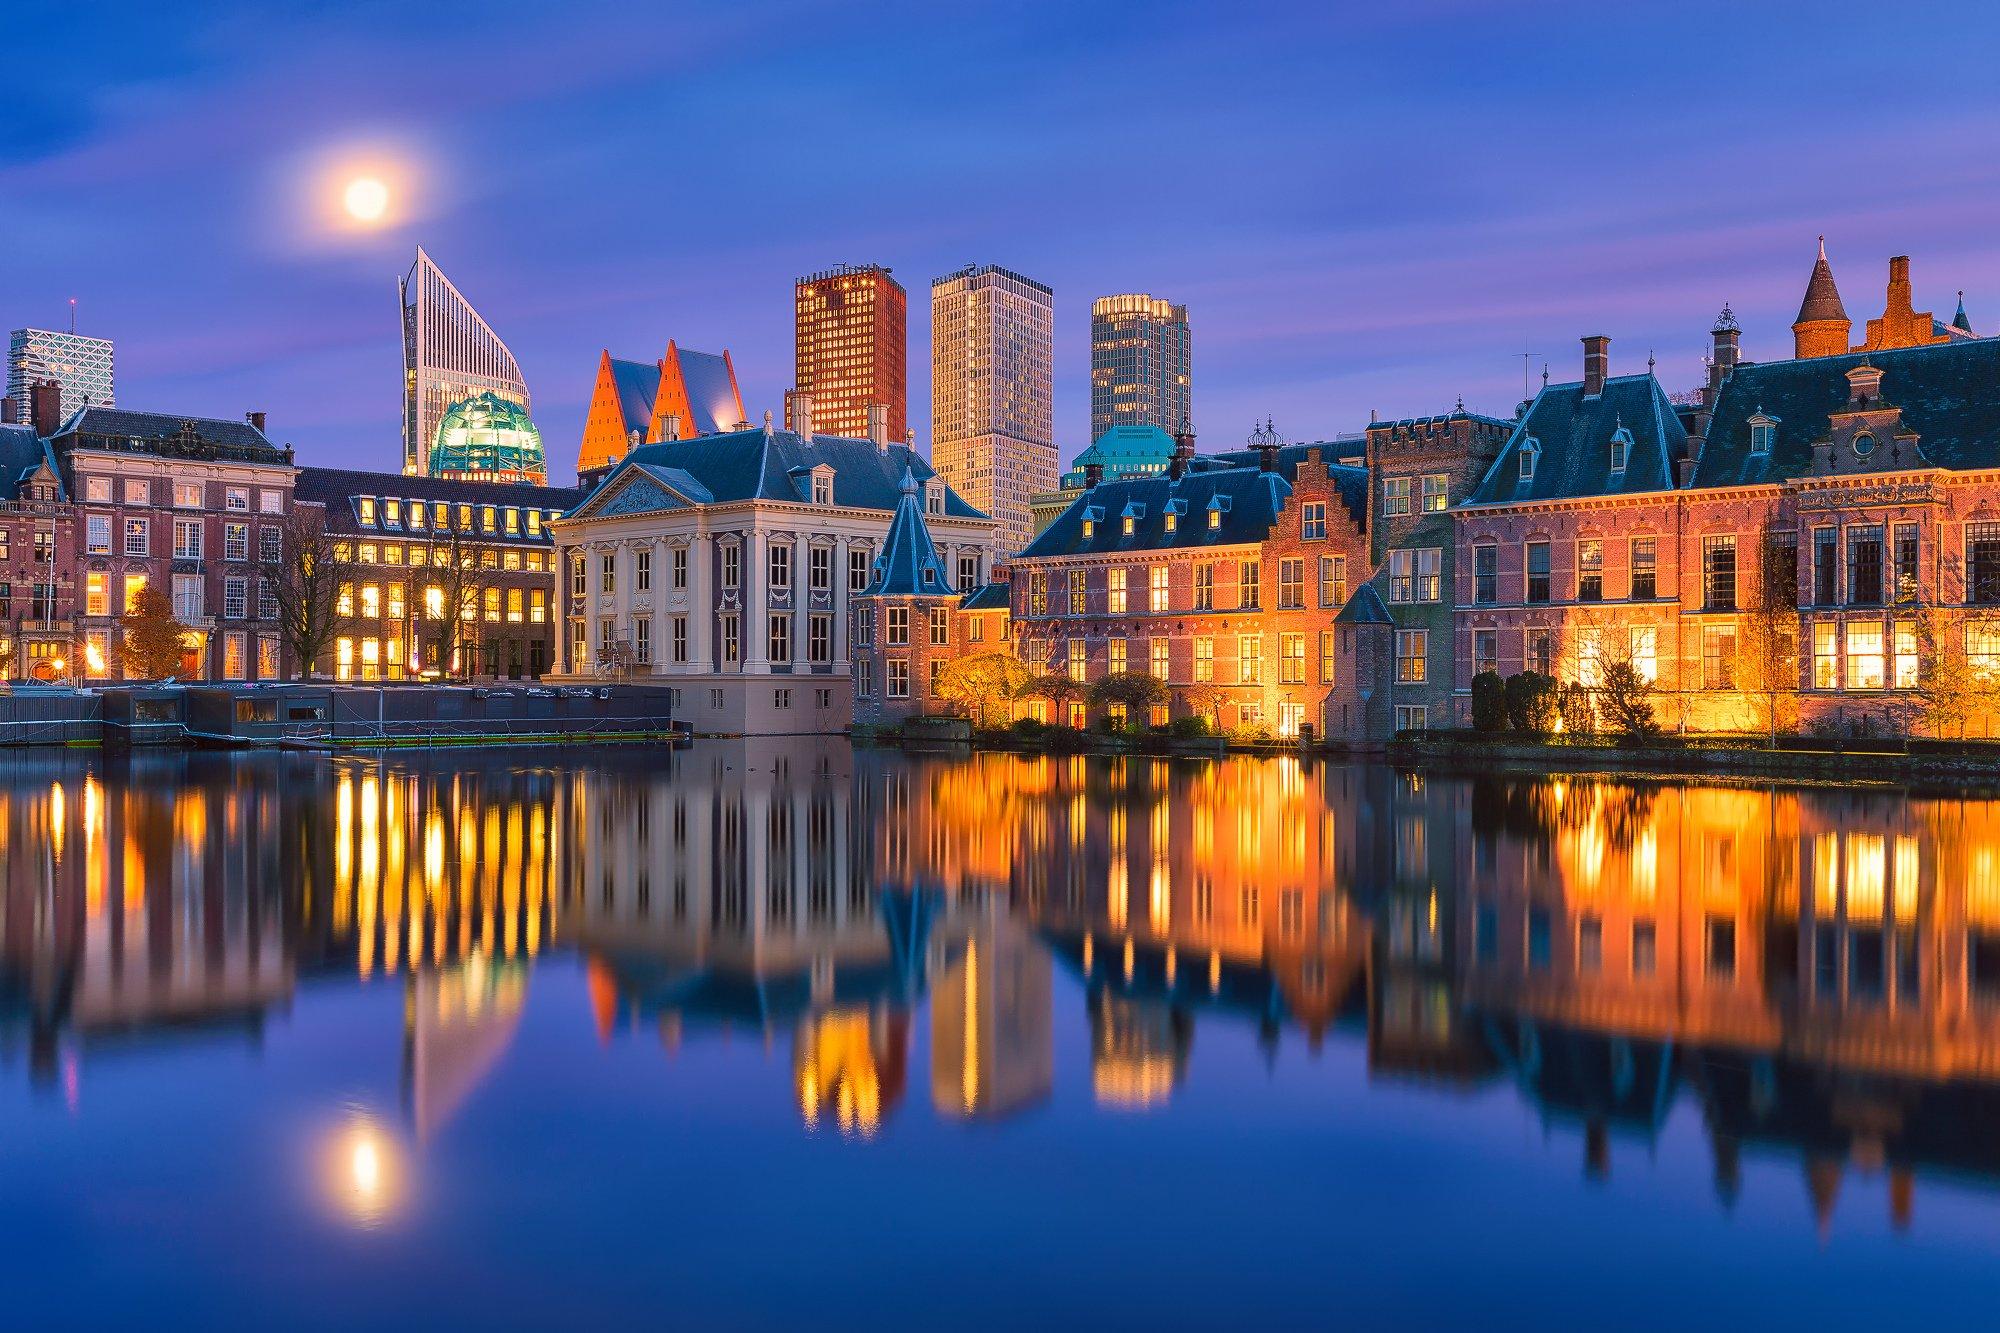 Хага, Холандия